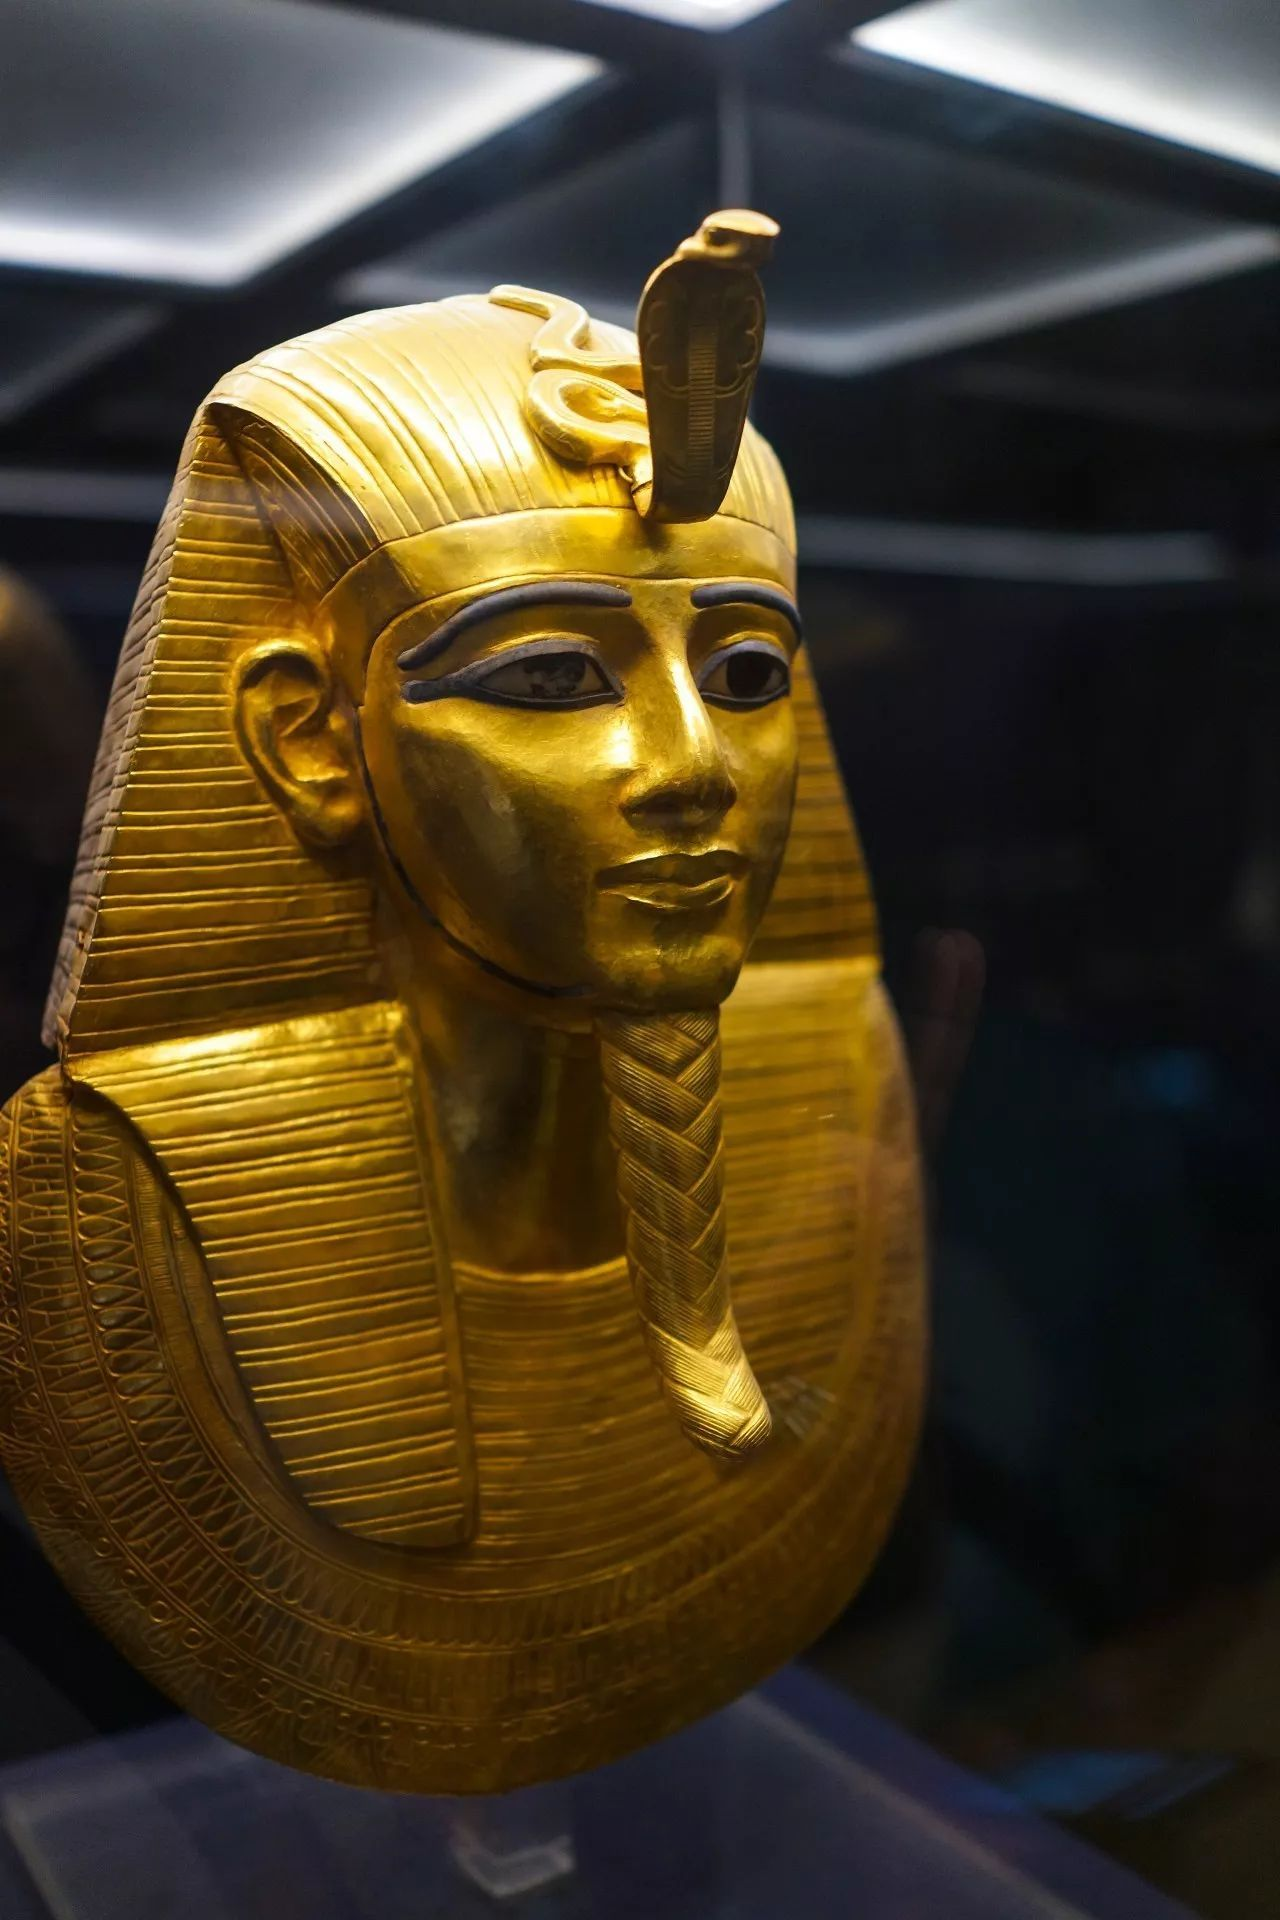 看世界 · 旅行 | 巡游尼罗河,我们读懂埃及——《罗博报告》× Abercrombie & Kent 埃及行